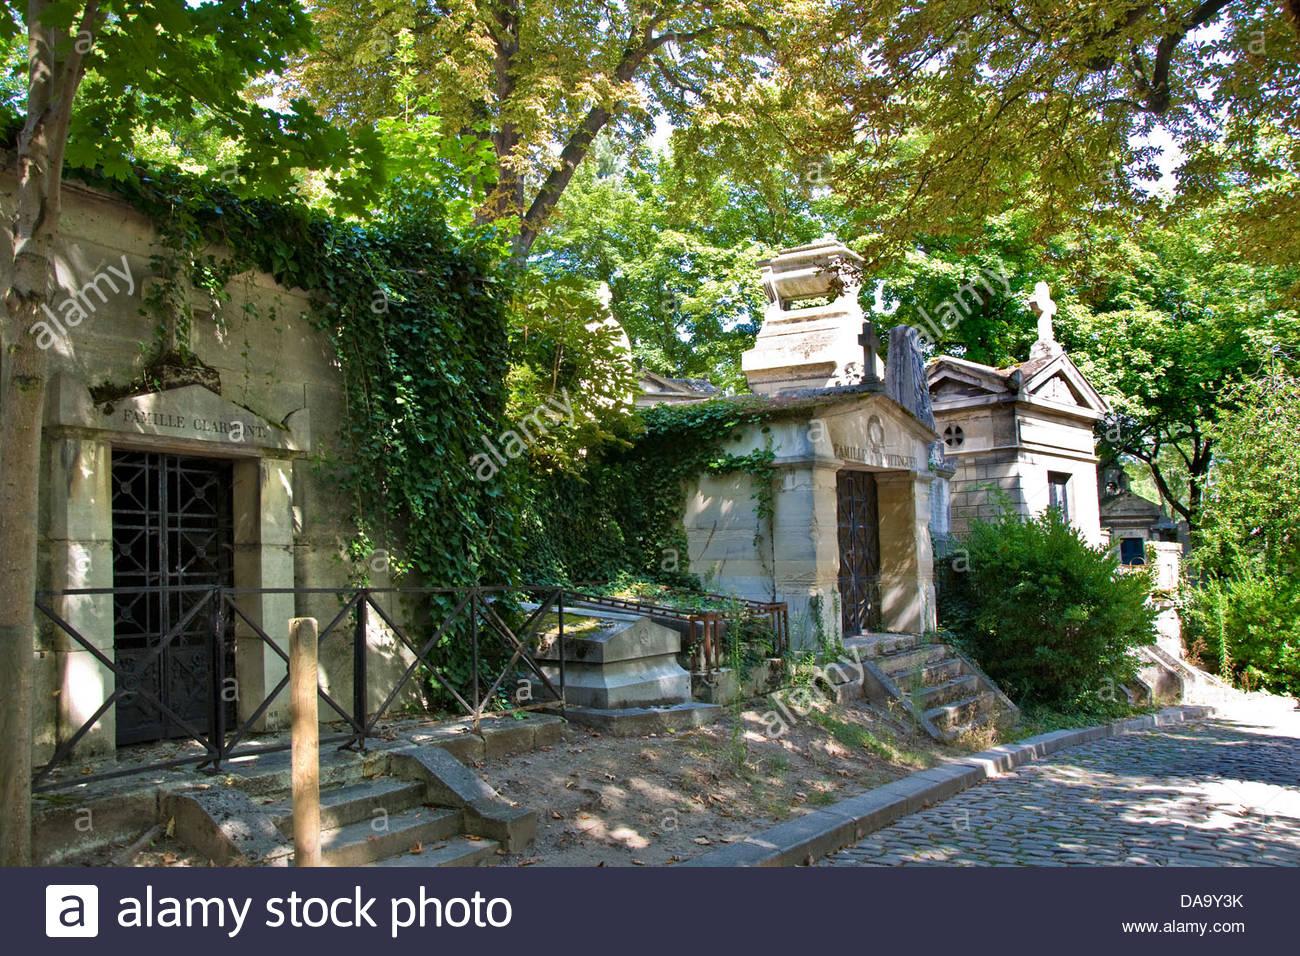 France,Ile de France,Paris,Pere Lachaise cemetery - Stock Image